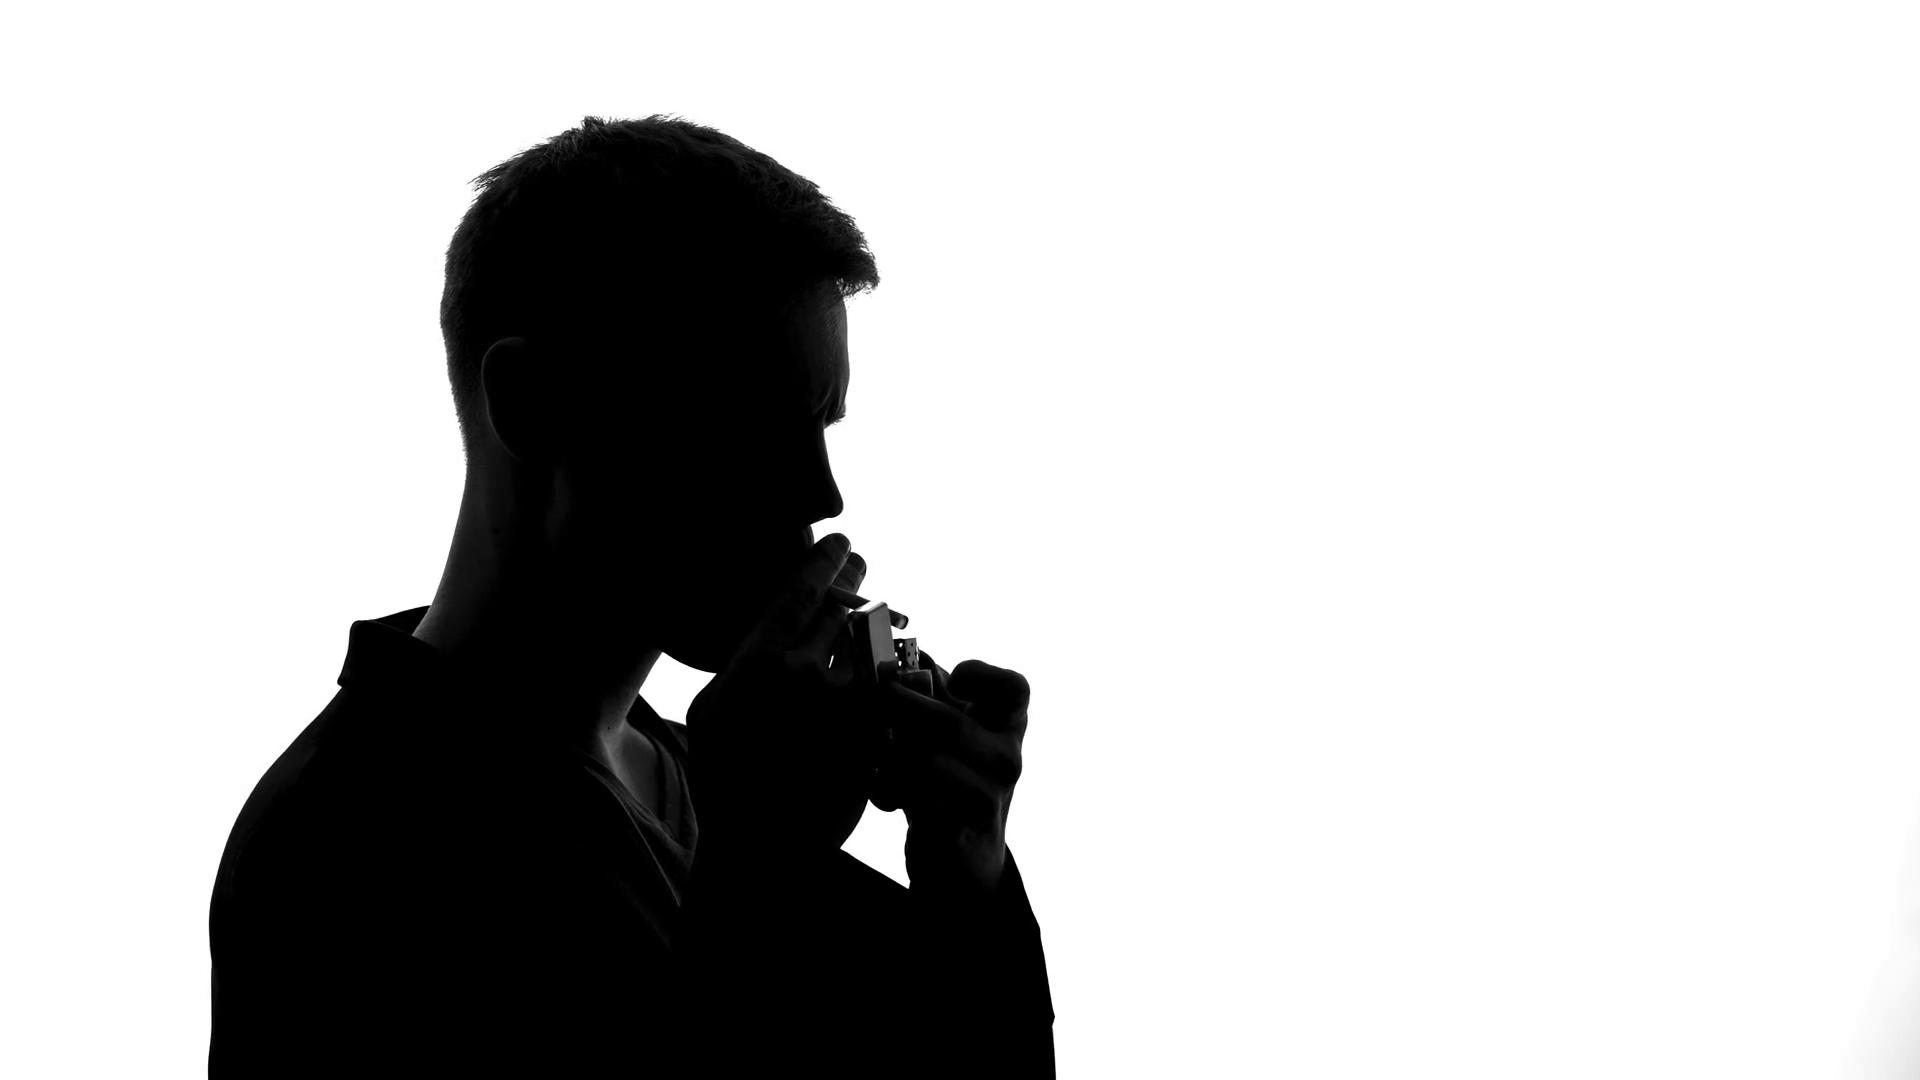 1920x1080 Man Shadow Lighting Cigarette And Smoking, Unhealthy Addiction